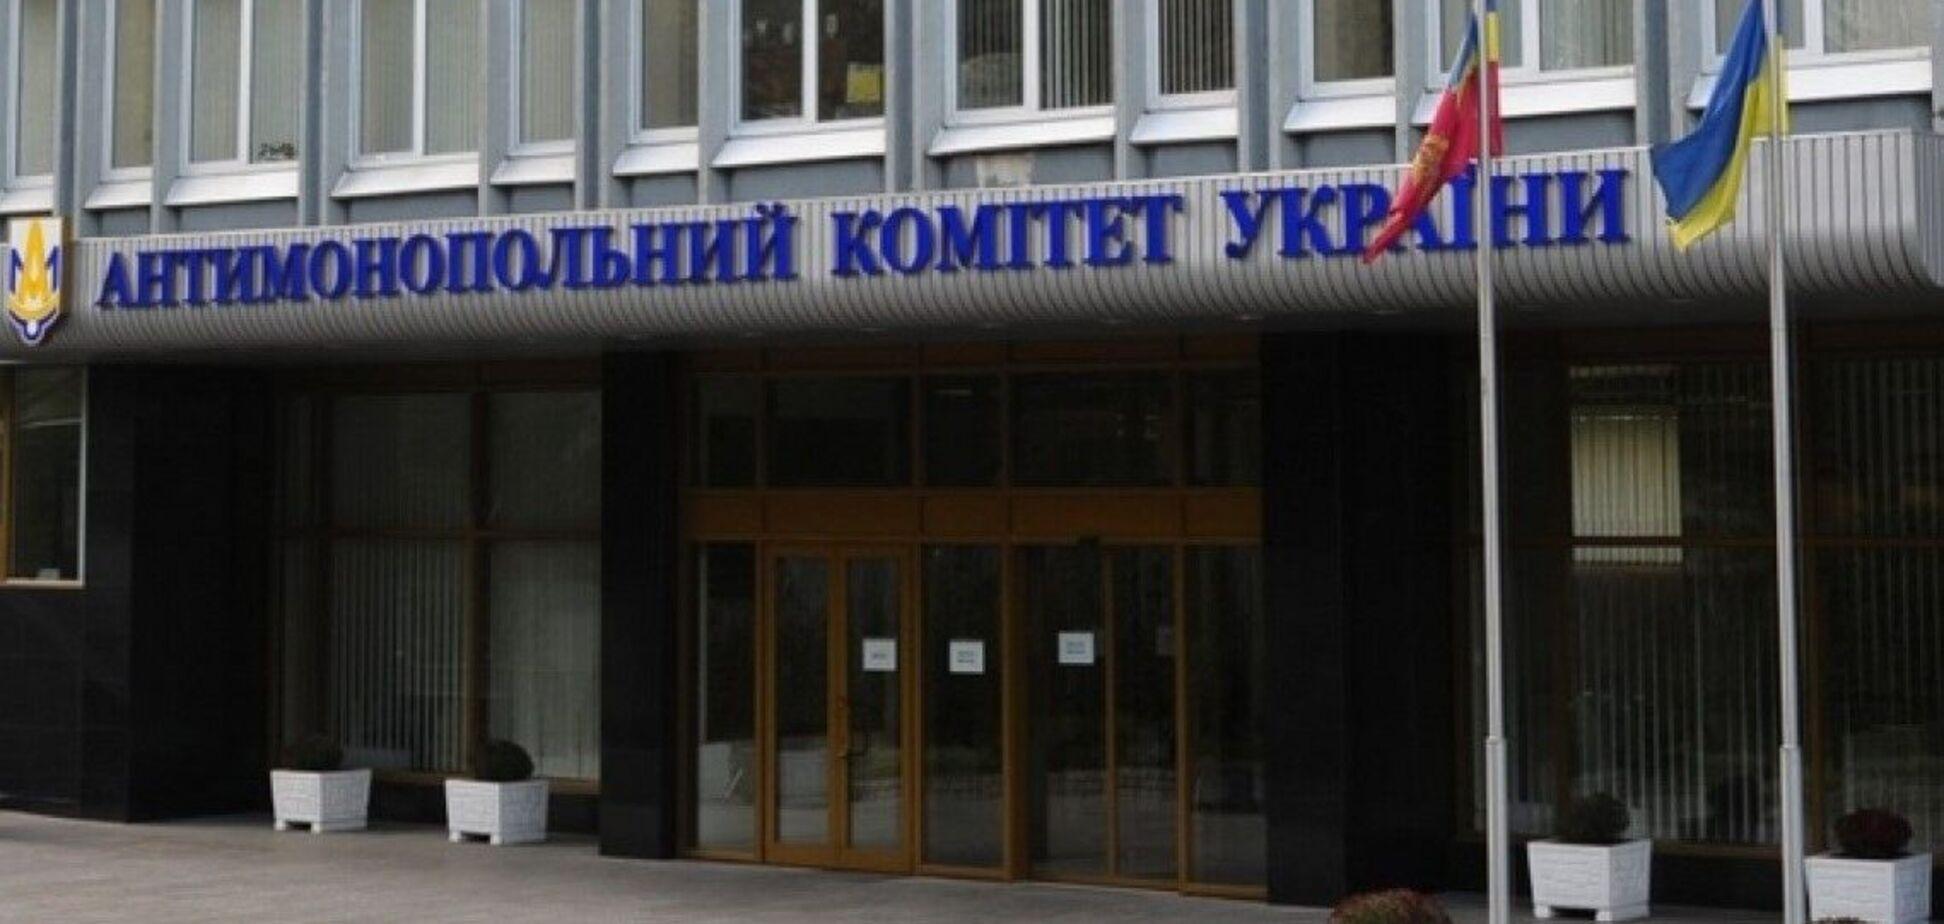 Амірханян знову отримав підтримку АМКУ, незважаючи на санкції РНБО – ЗМІ